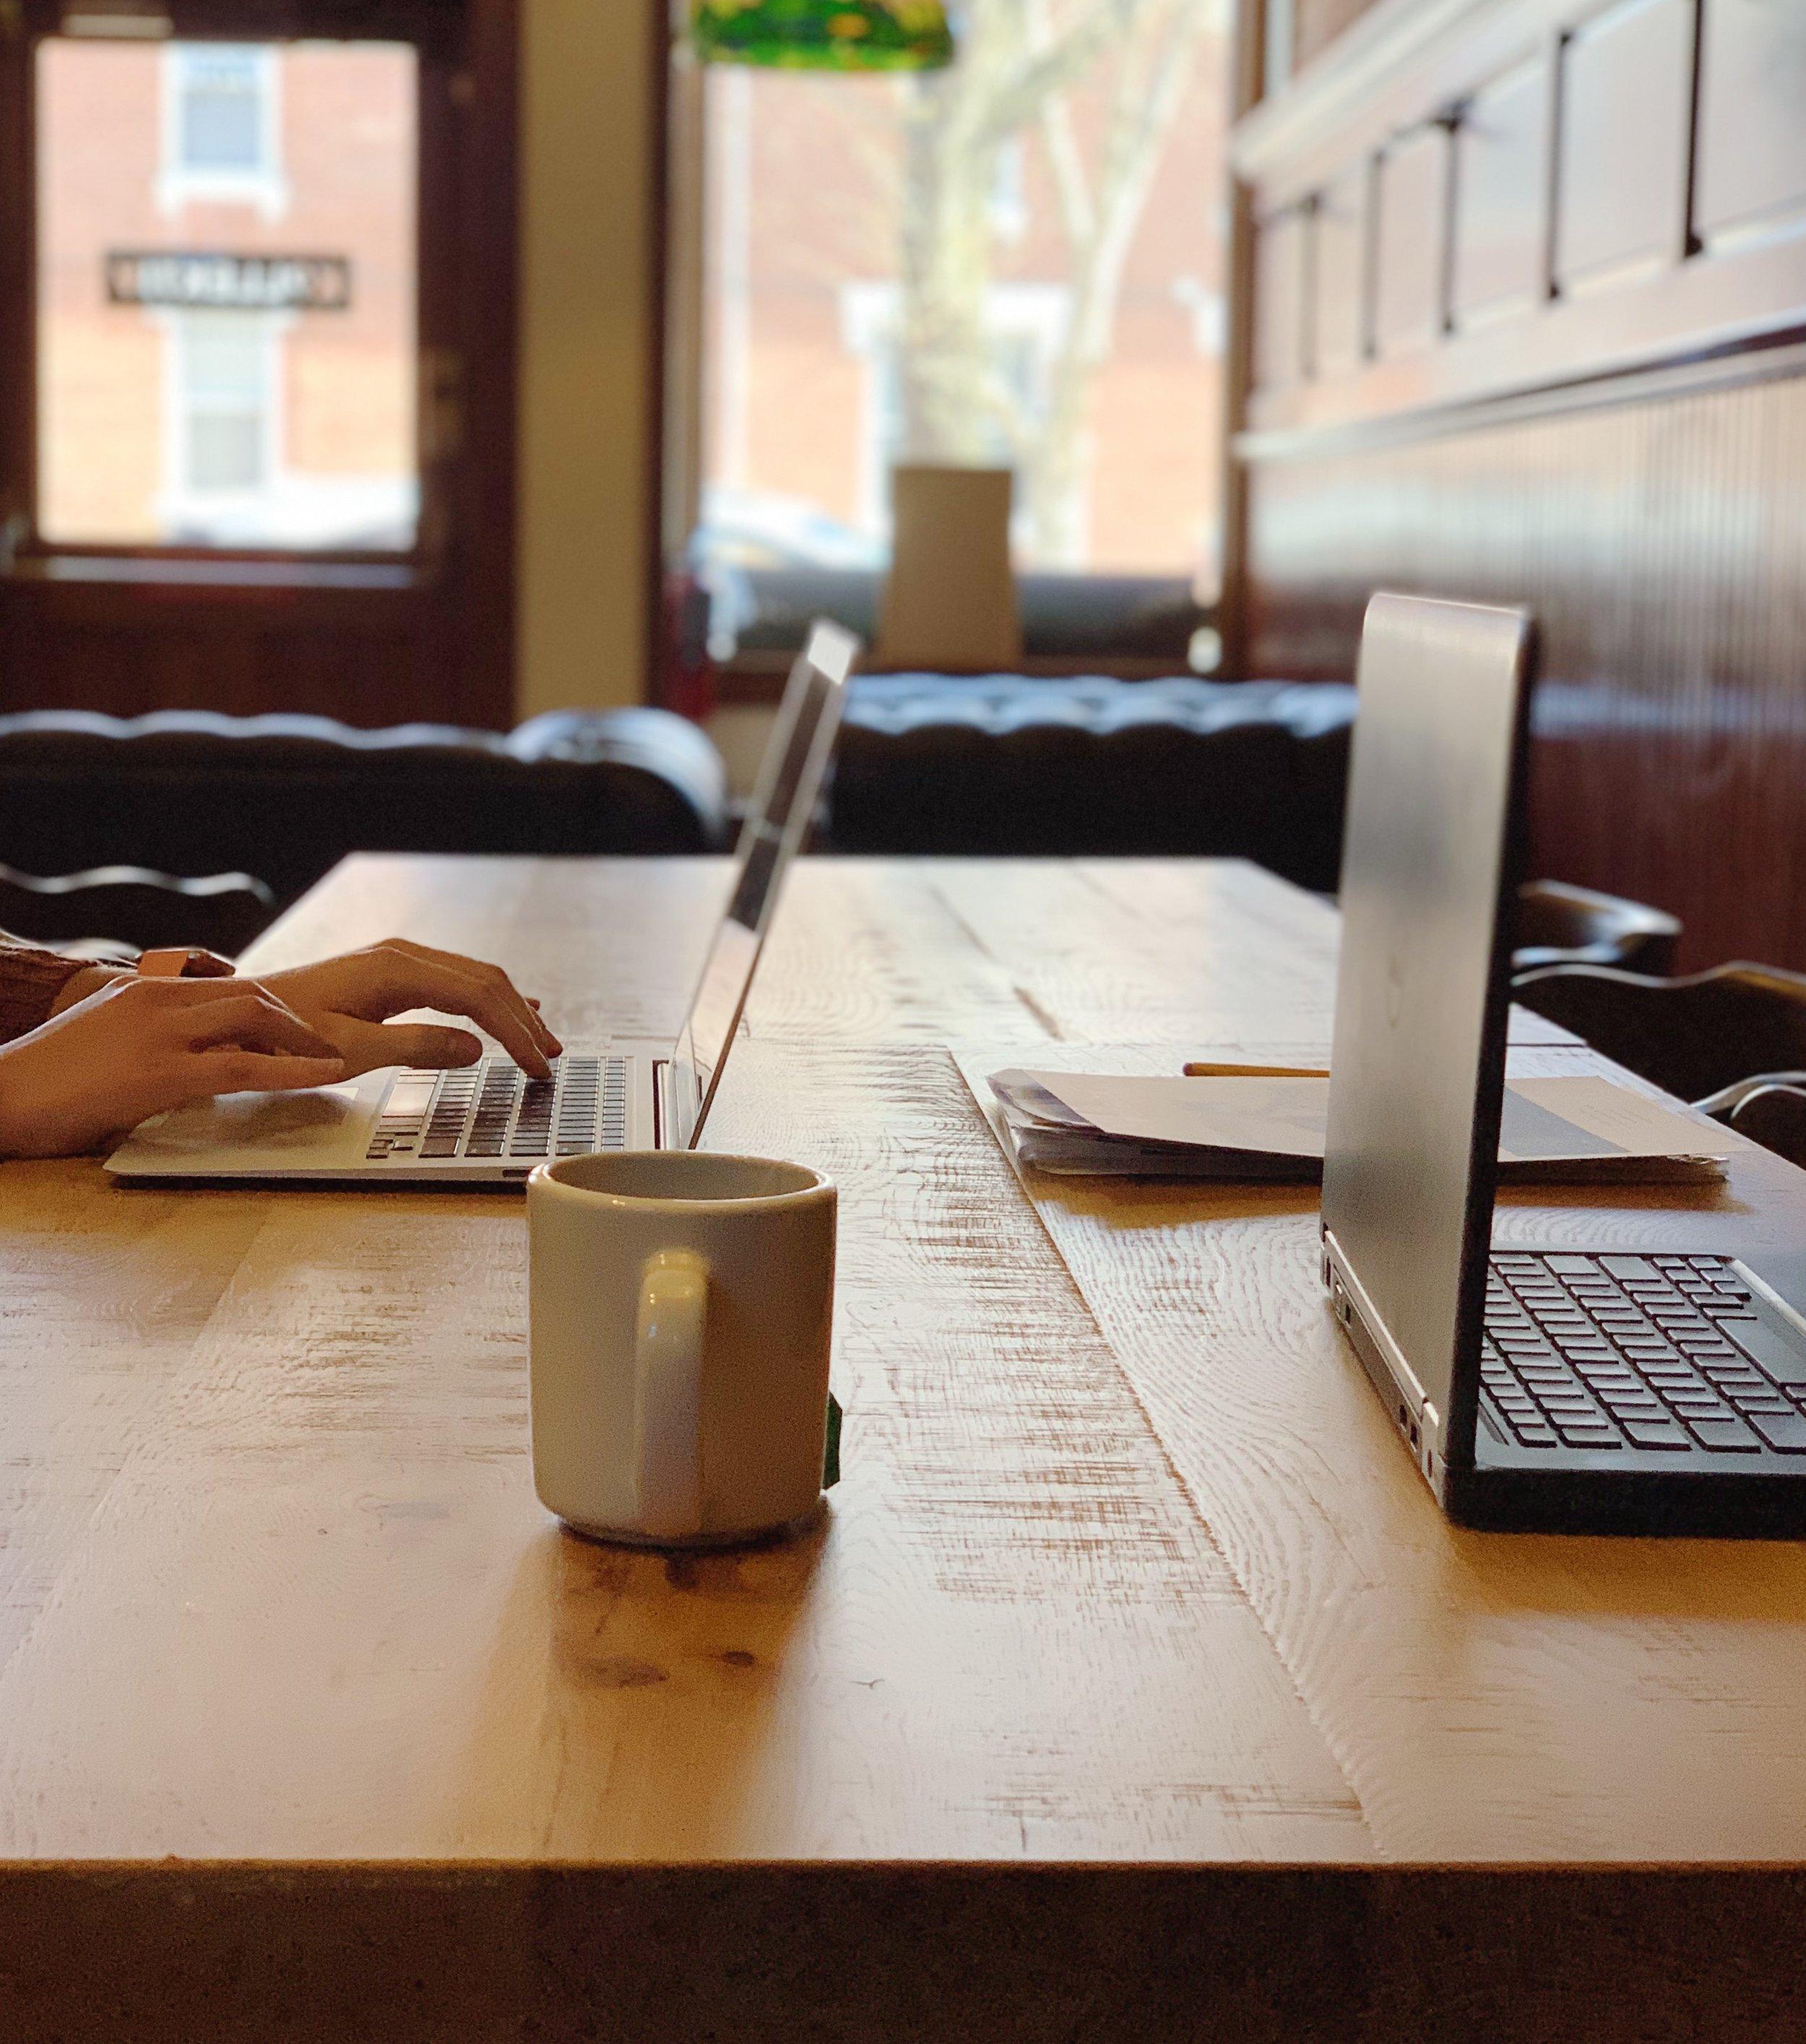 DeskandLaptop.jpg